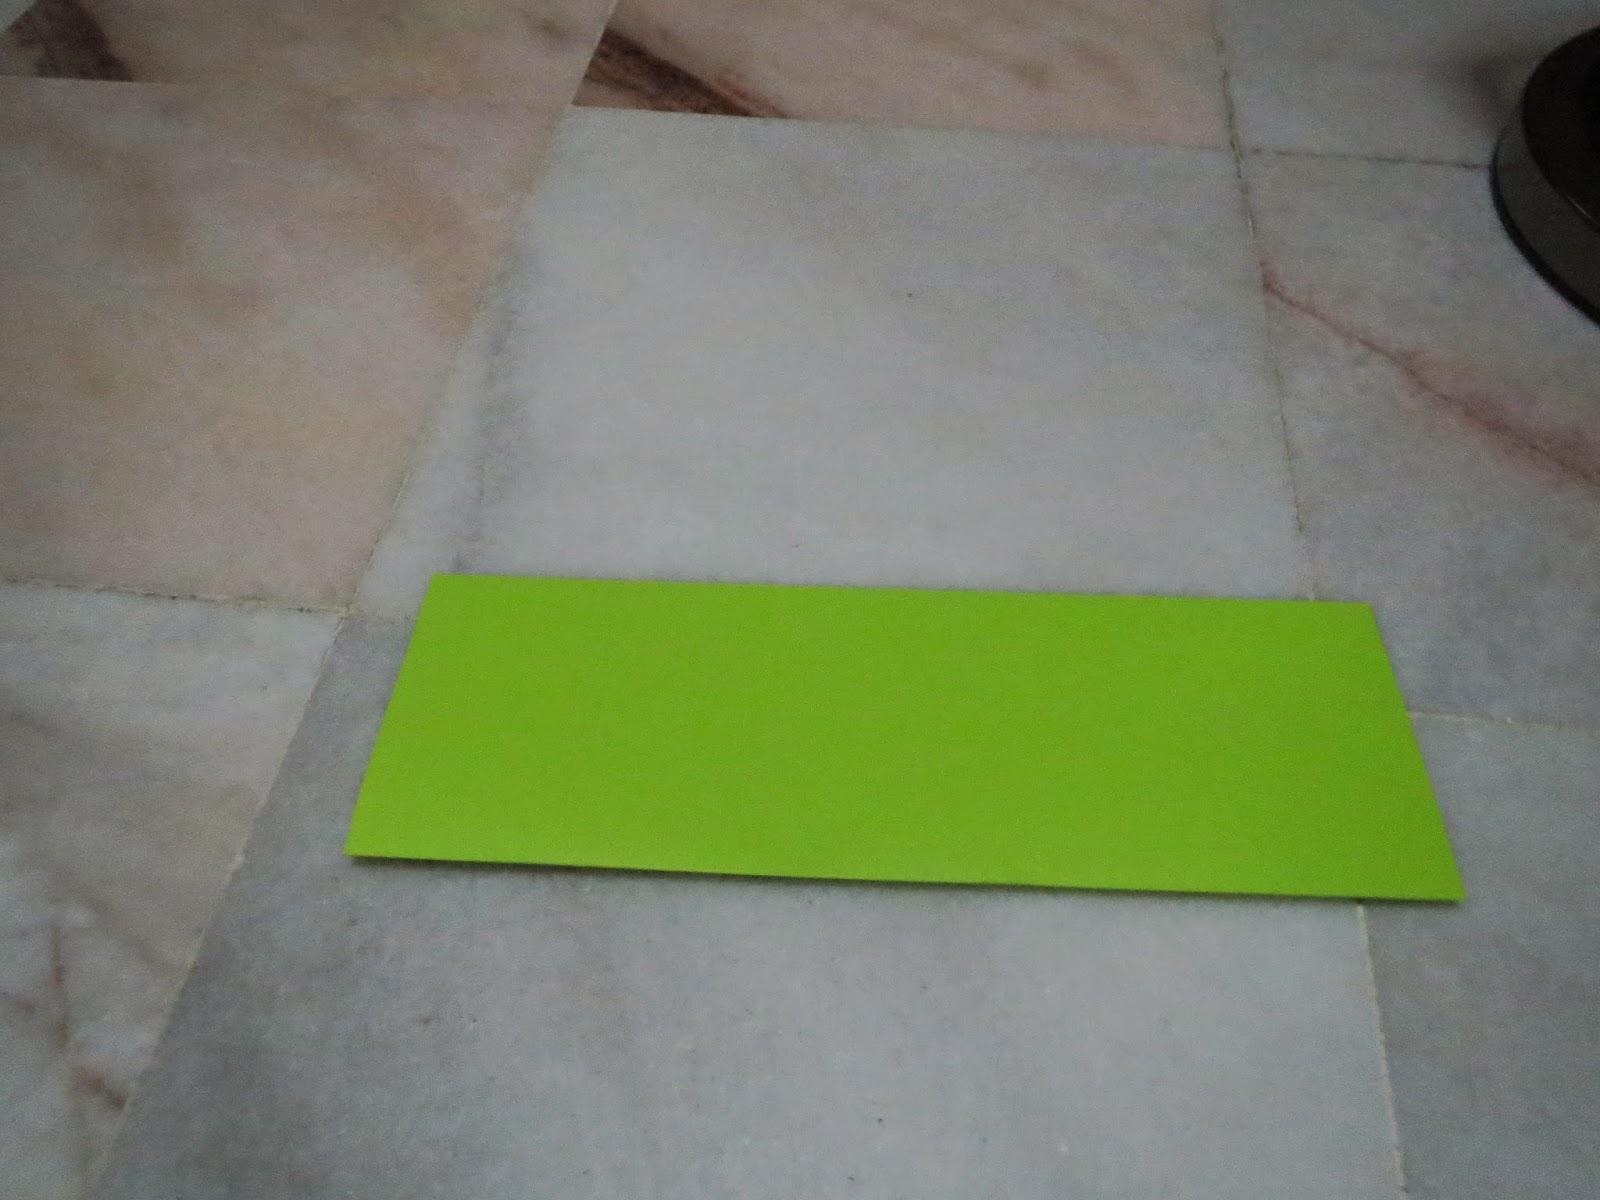 Pusat Sumber Sekolah Cara Membuat Kipas Hiasan Kertas Lipat 2kertas A4